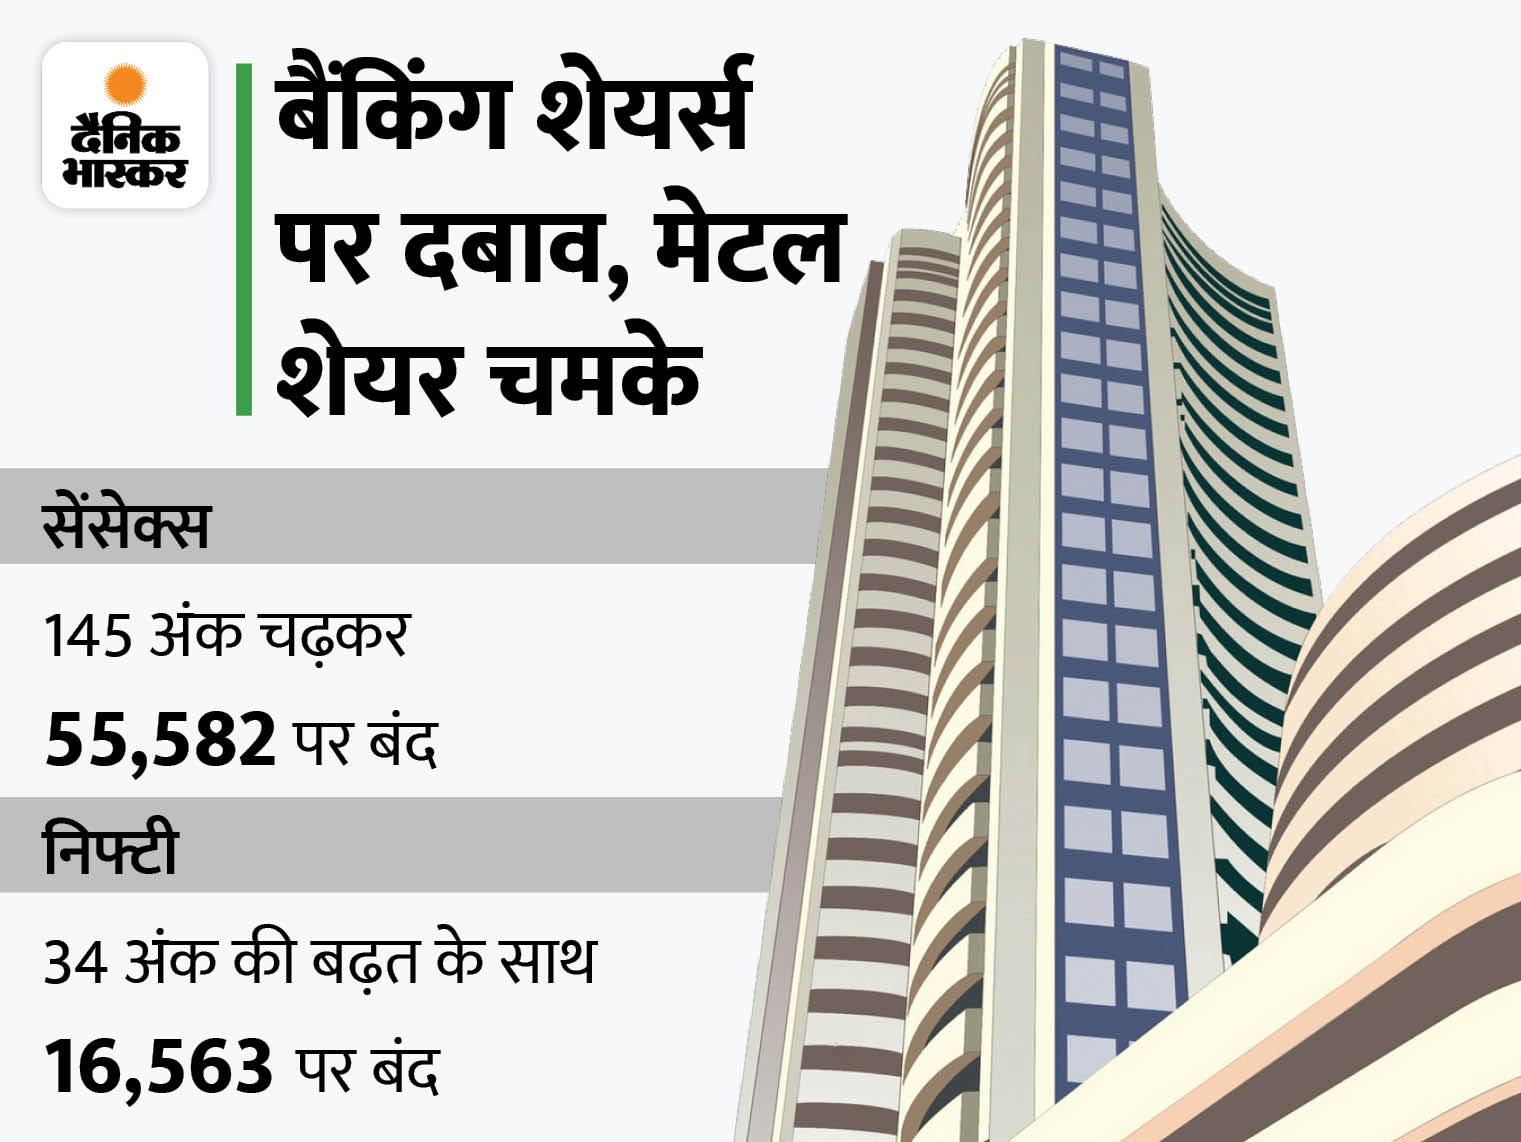 सेंसेक्स ने 55680.75 और निफ्टी ने 16585.45 का रिकॉर्ड स्तर छुआ, टाटा स्टील का शेयर 3.7% उछला|बिजनेस,Business - Dainik Bhaskar